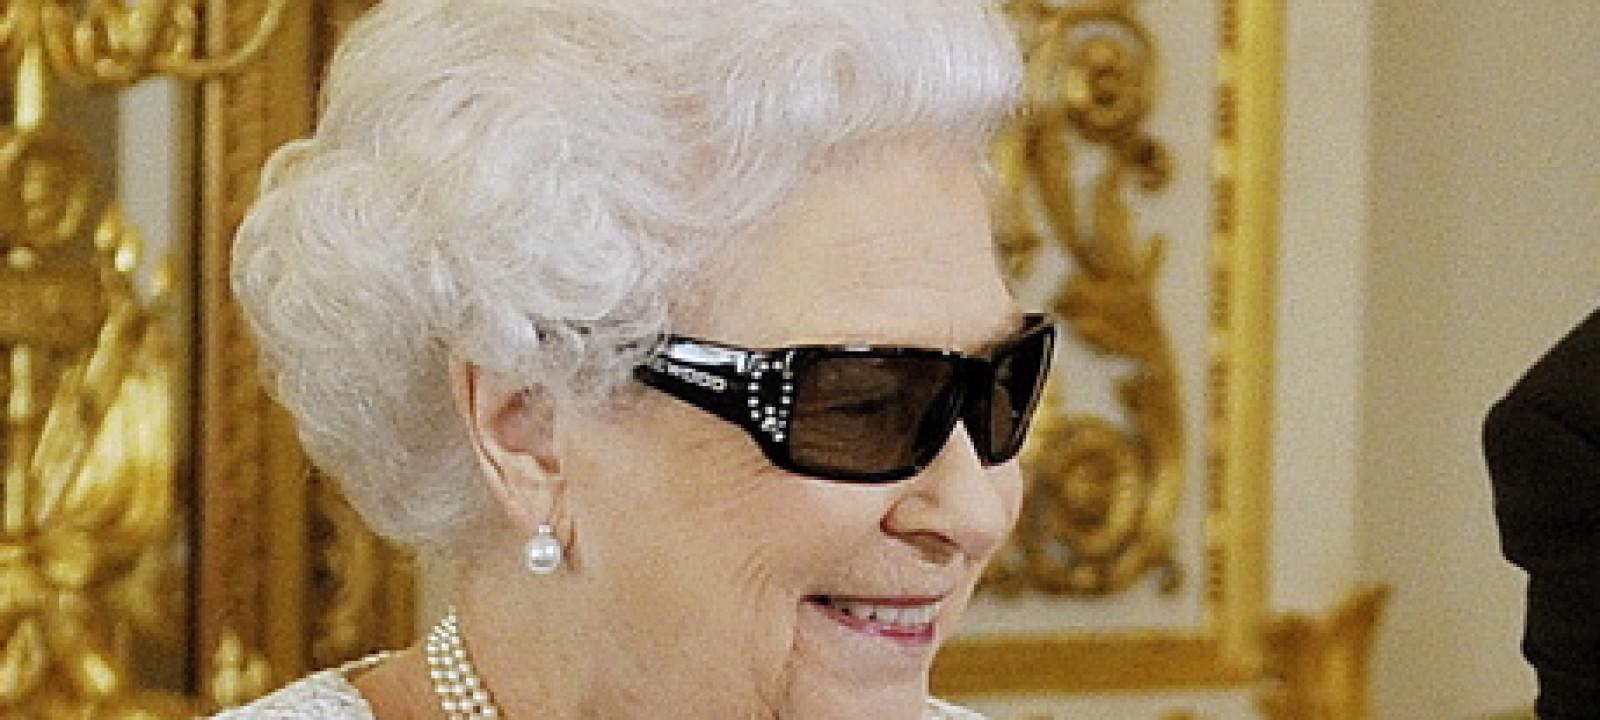 Queen_3Dglasses